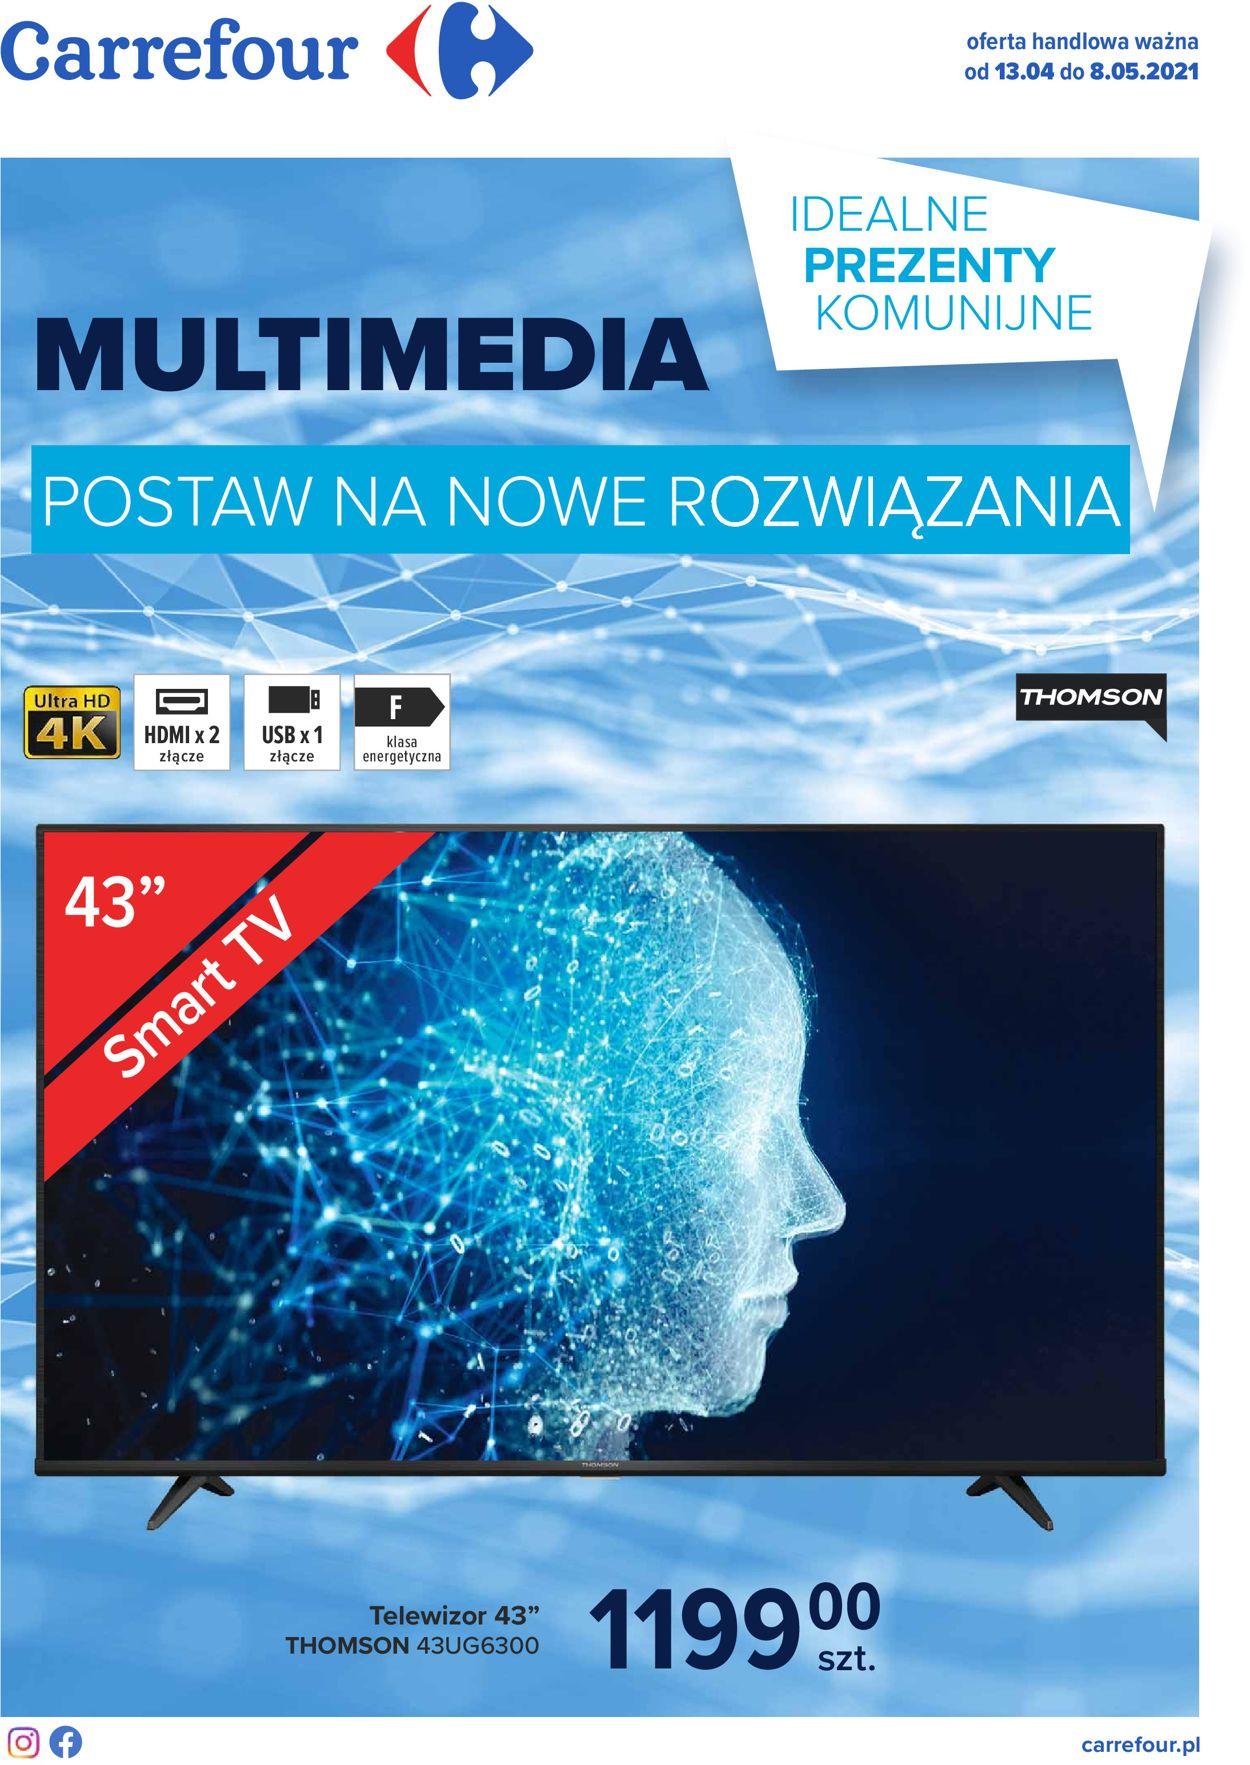 Gazetka promocyjna Carrefour - 13.04-08.05.2021